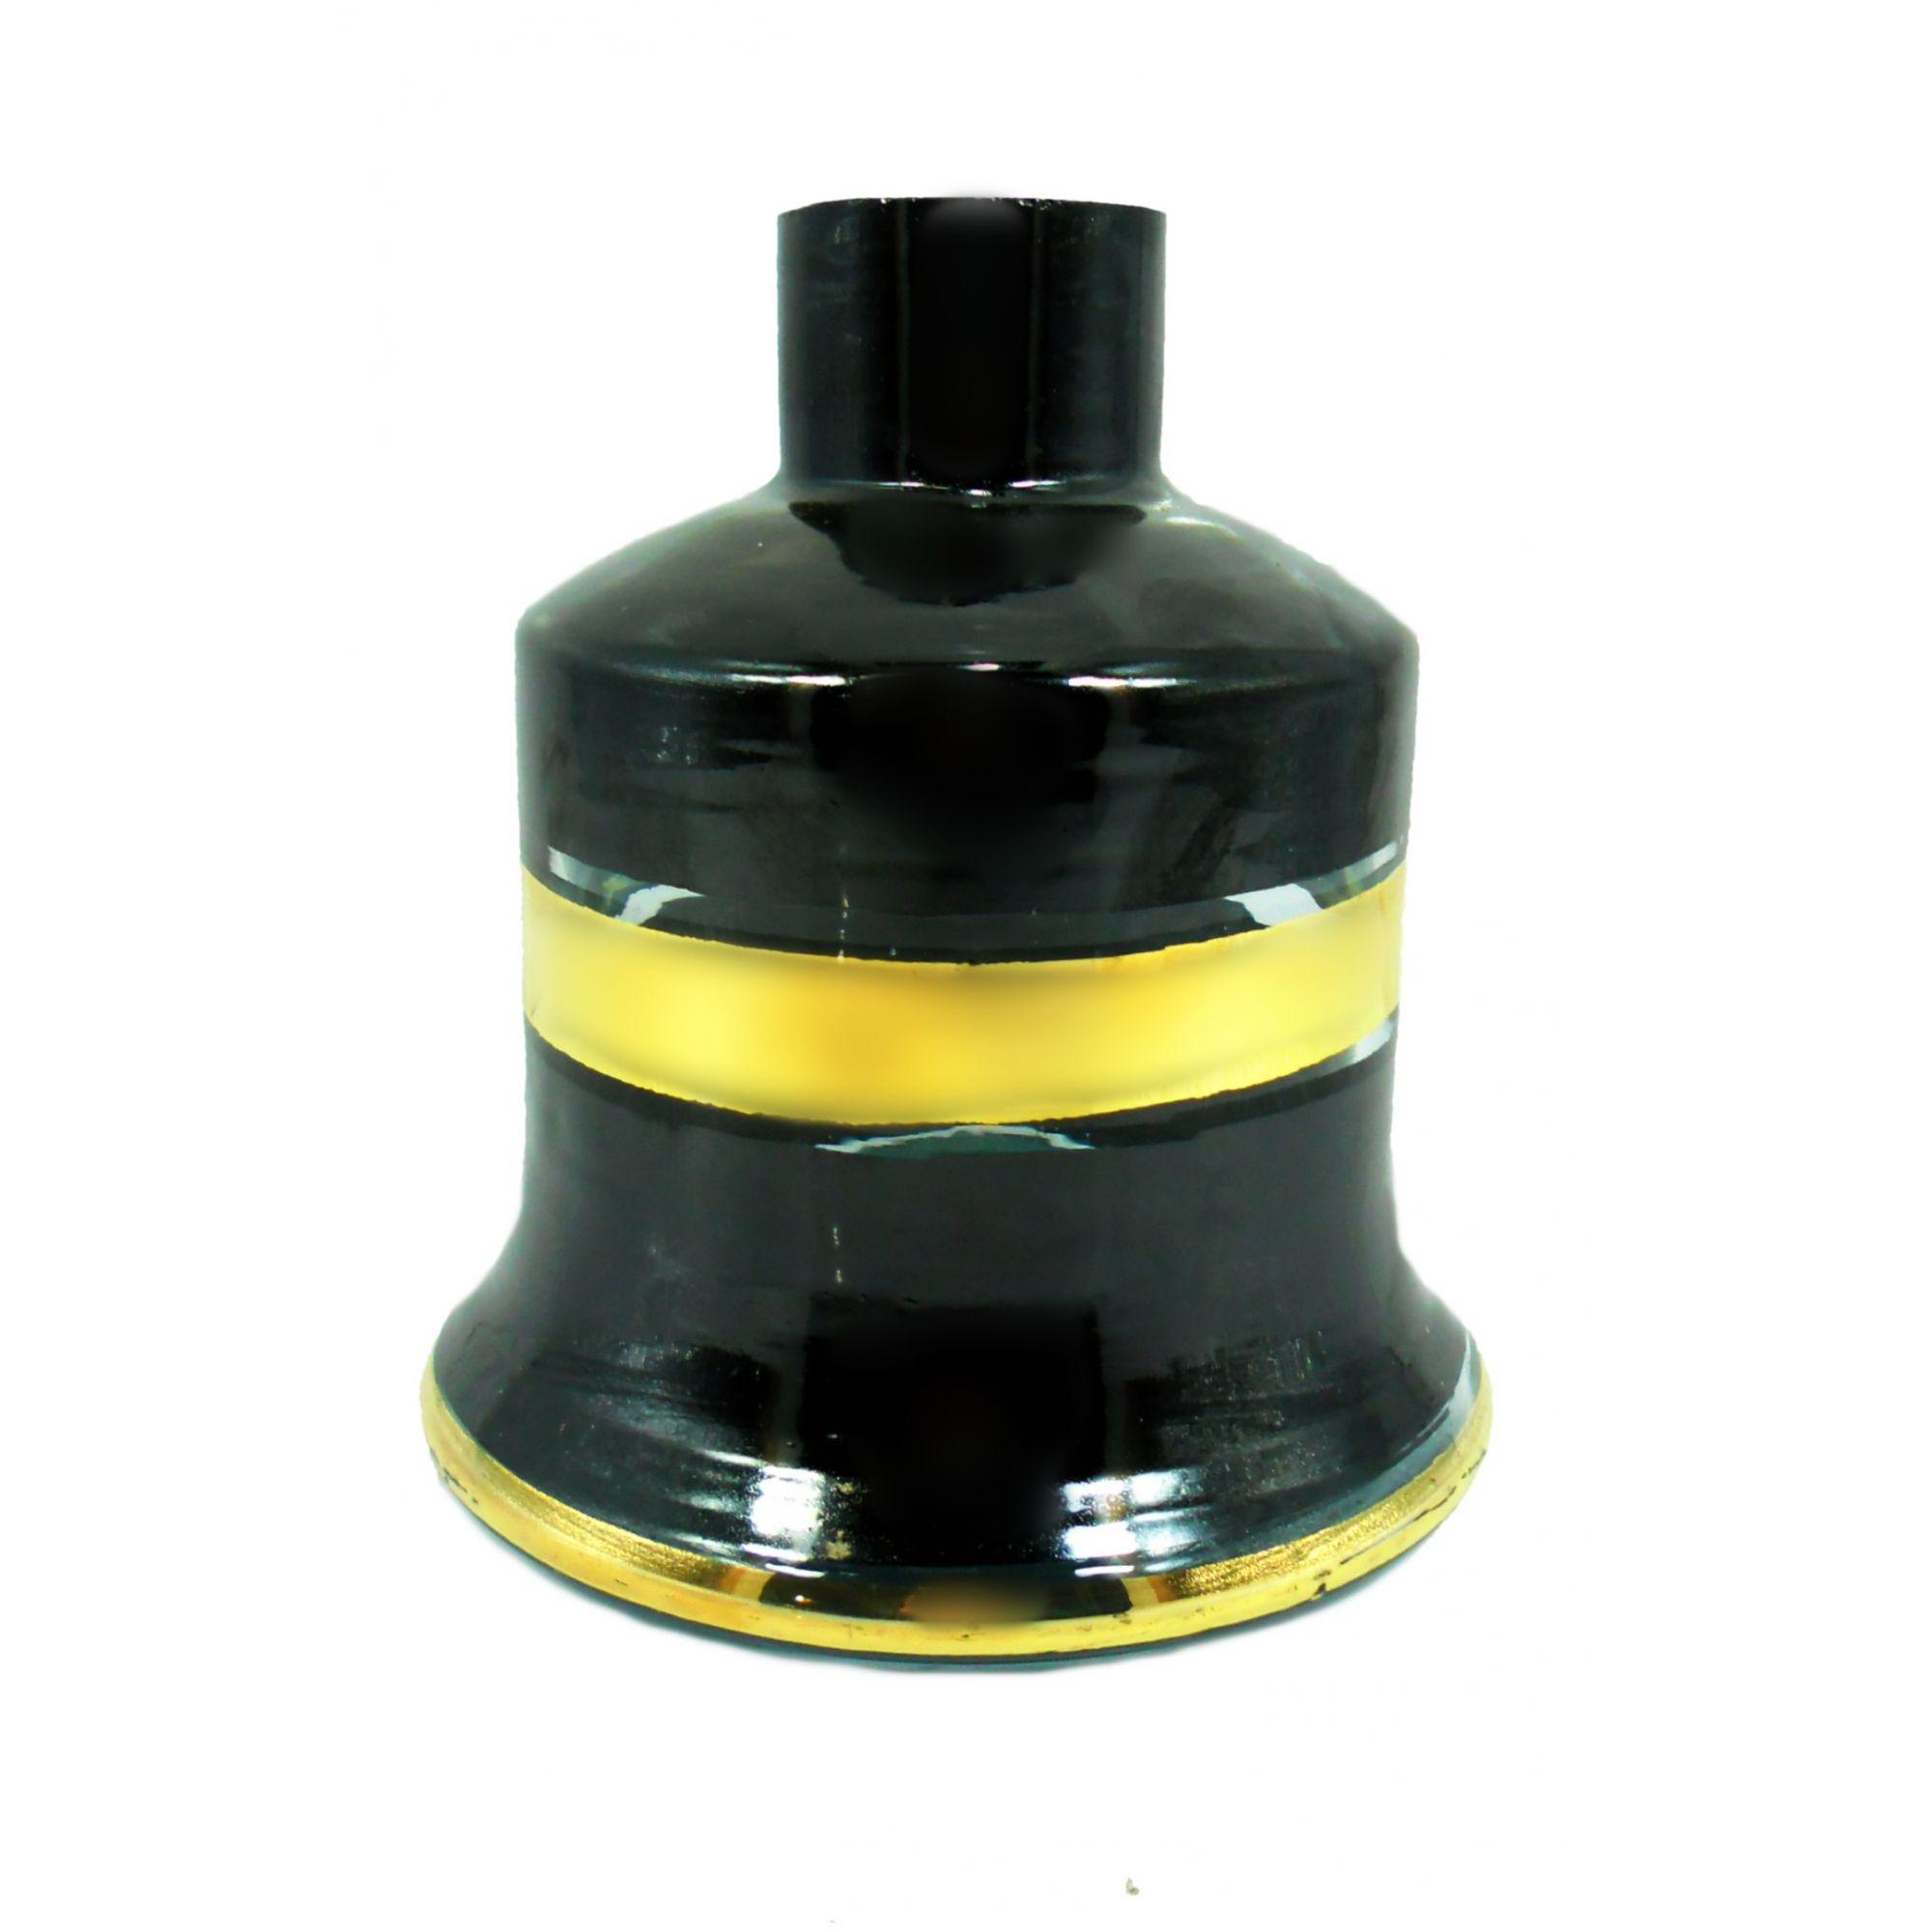 Vaso/base para narguile JUMBINHO macho 14cm, artesanal Egípcio preto com listra dourada. Bocal 4,0cm diâm.